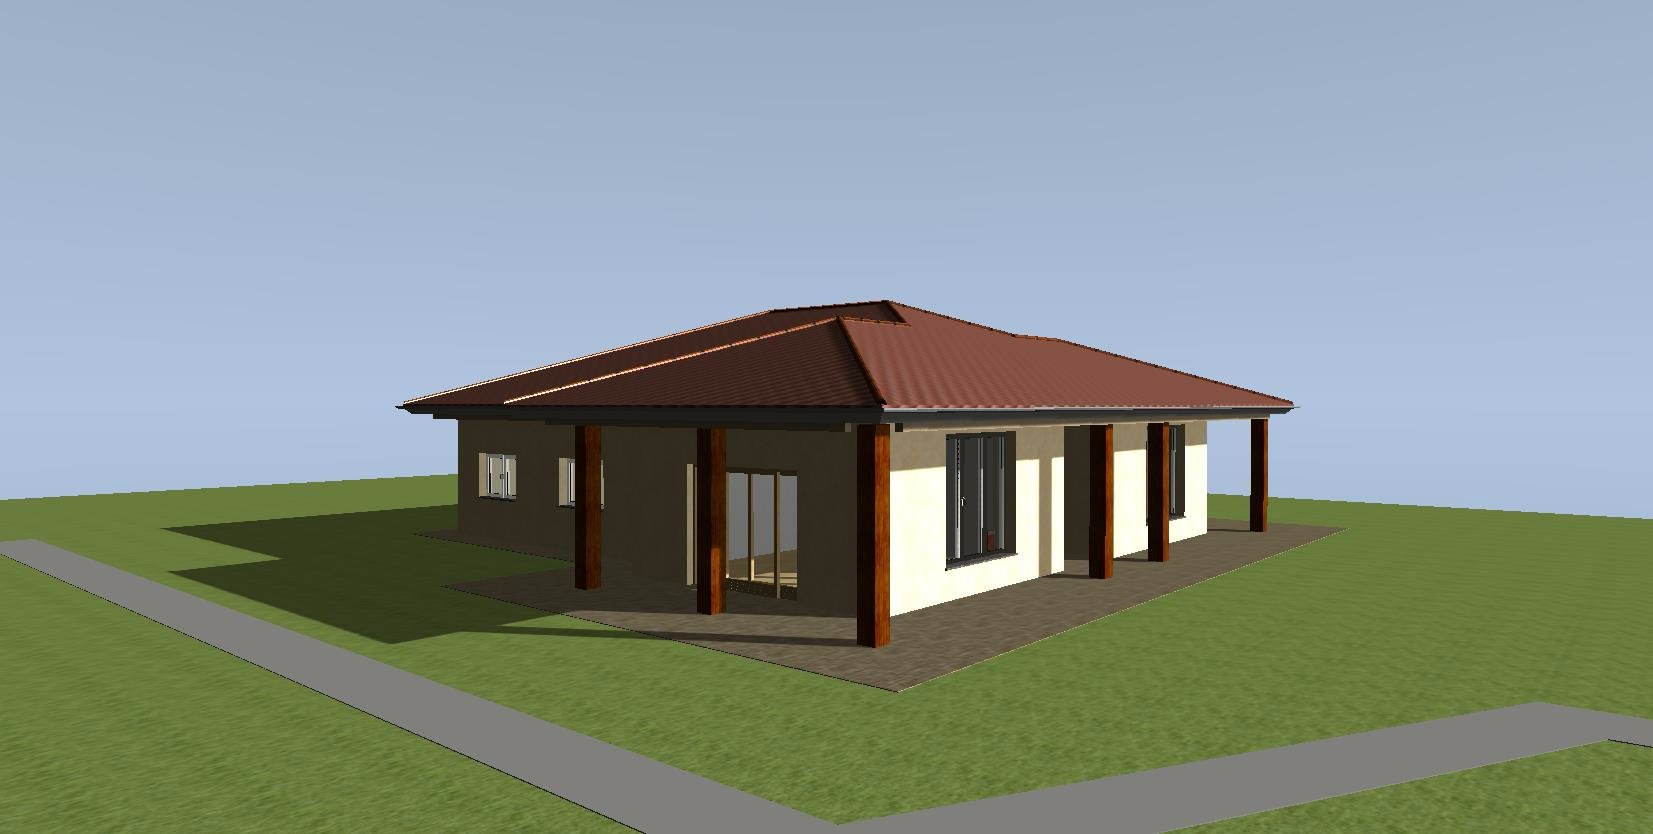 Costruzione Edificio Mono Piano Con Tetto In Legno Mq Utili 120